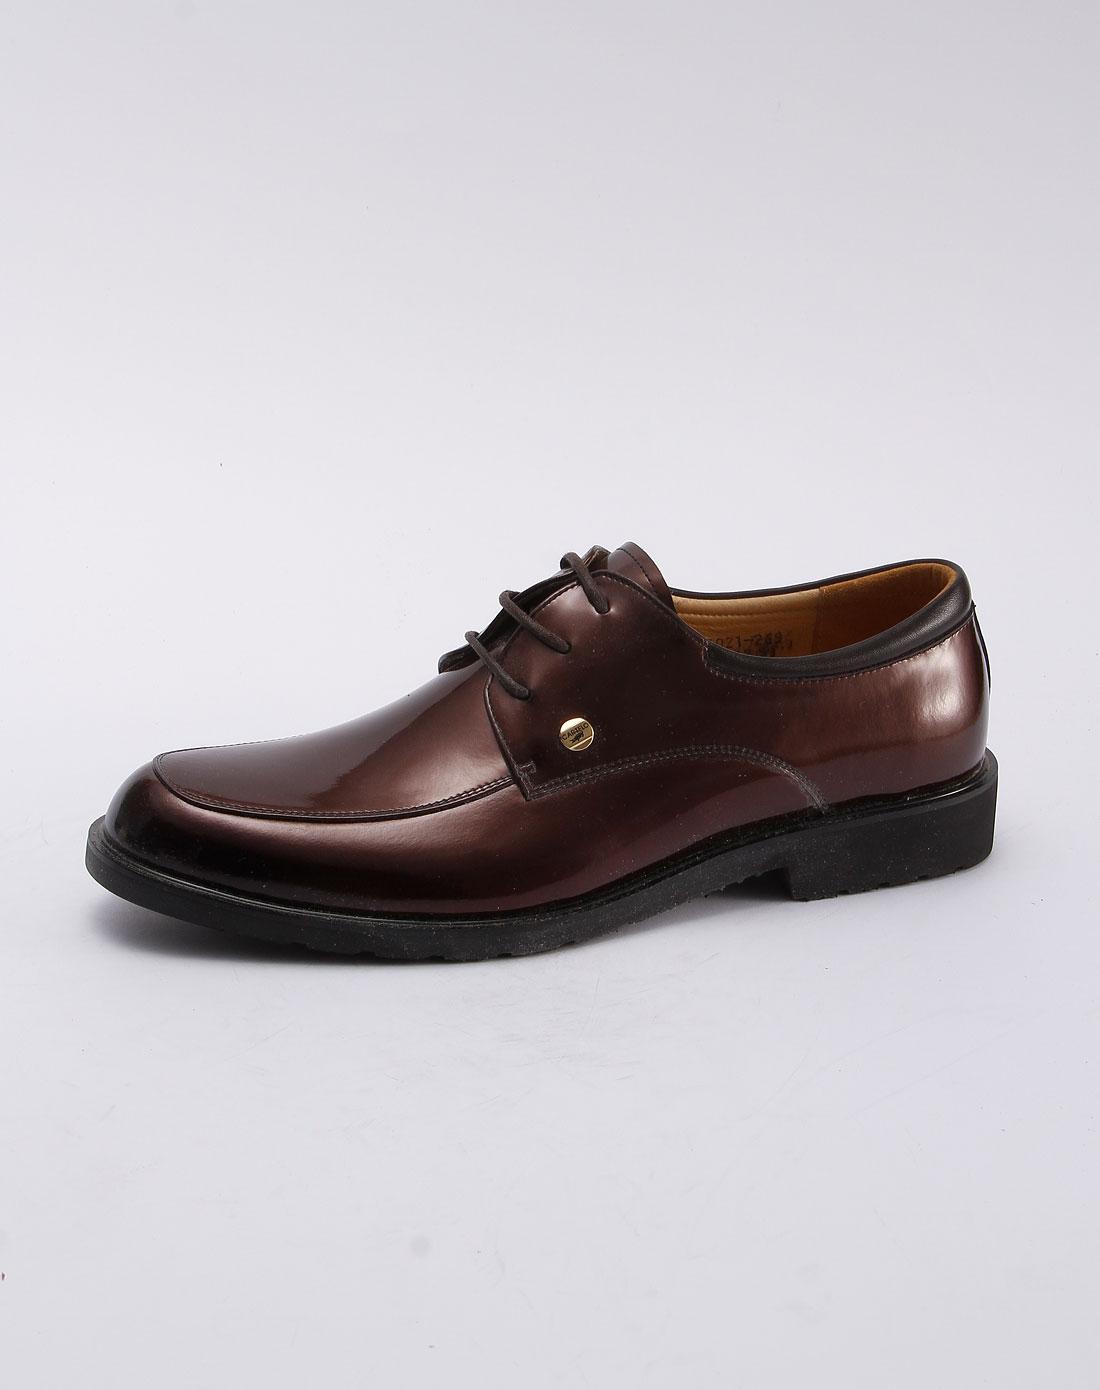 卡帝乐鳄鱼cartelo棕色时尚系带皮鞋10c66021004